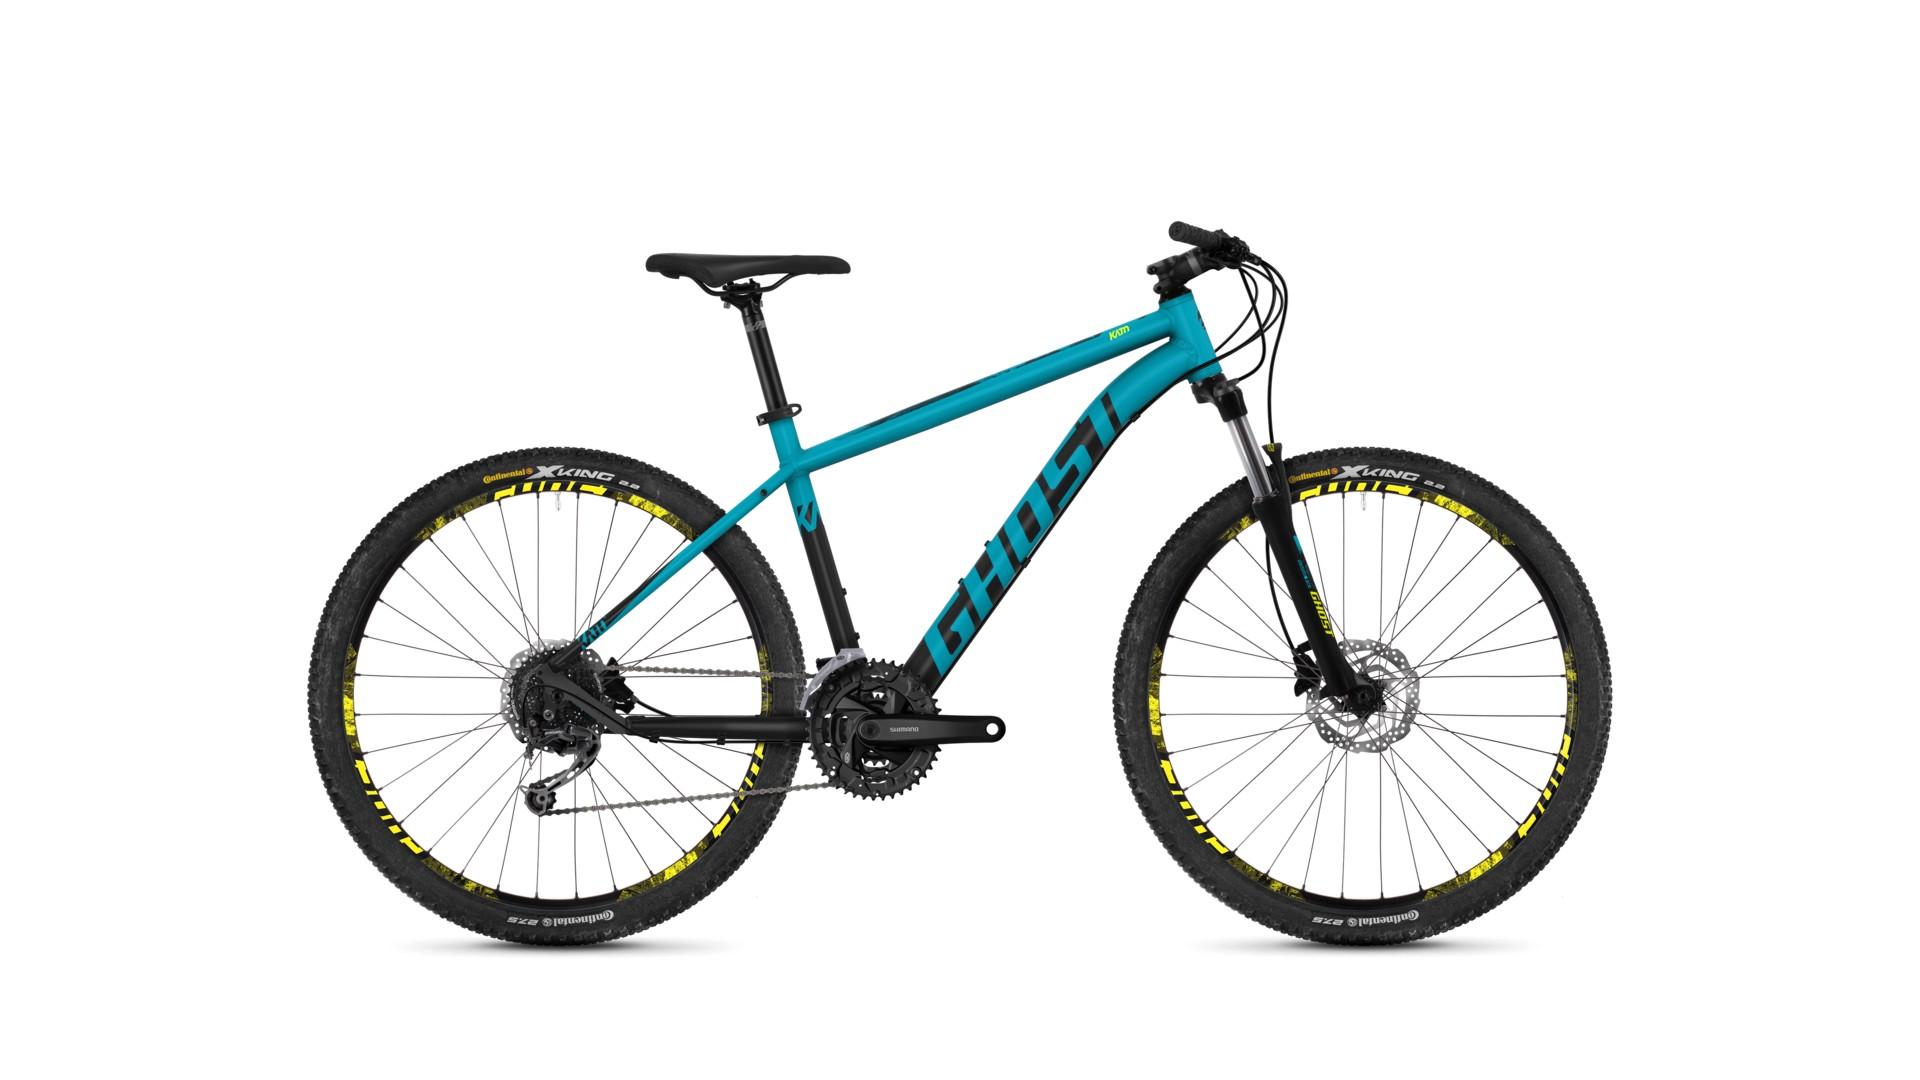 Велосипед GHOST Kato 4.7 AL U electricblue/nightblack/neonyellow год 2018